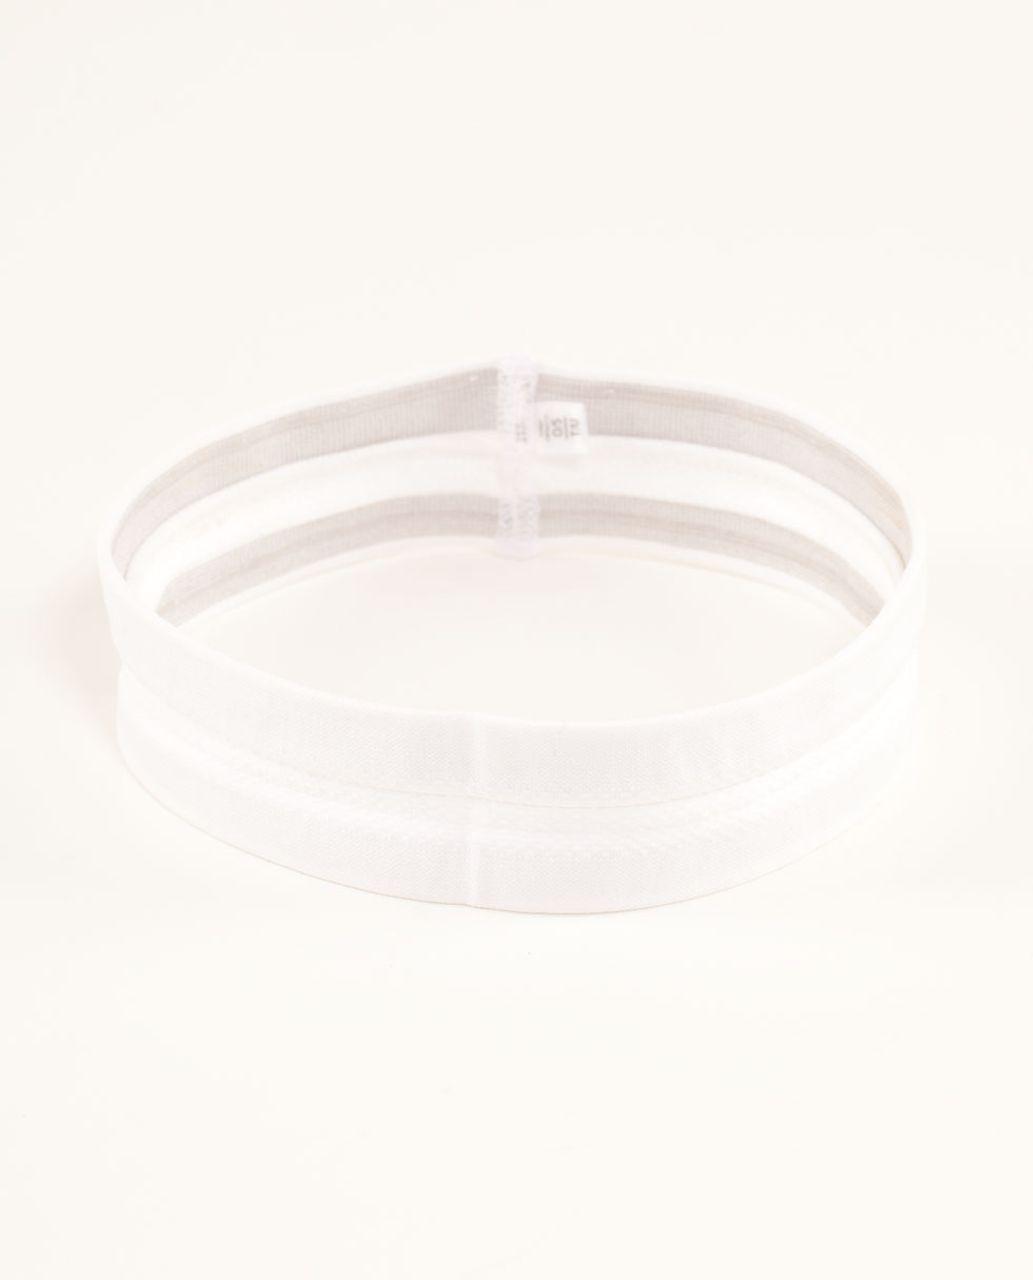 Lululemon Swiftly Headband - White